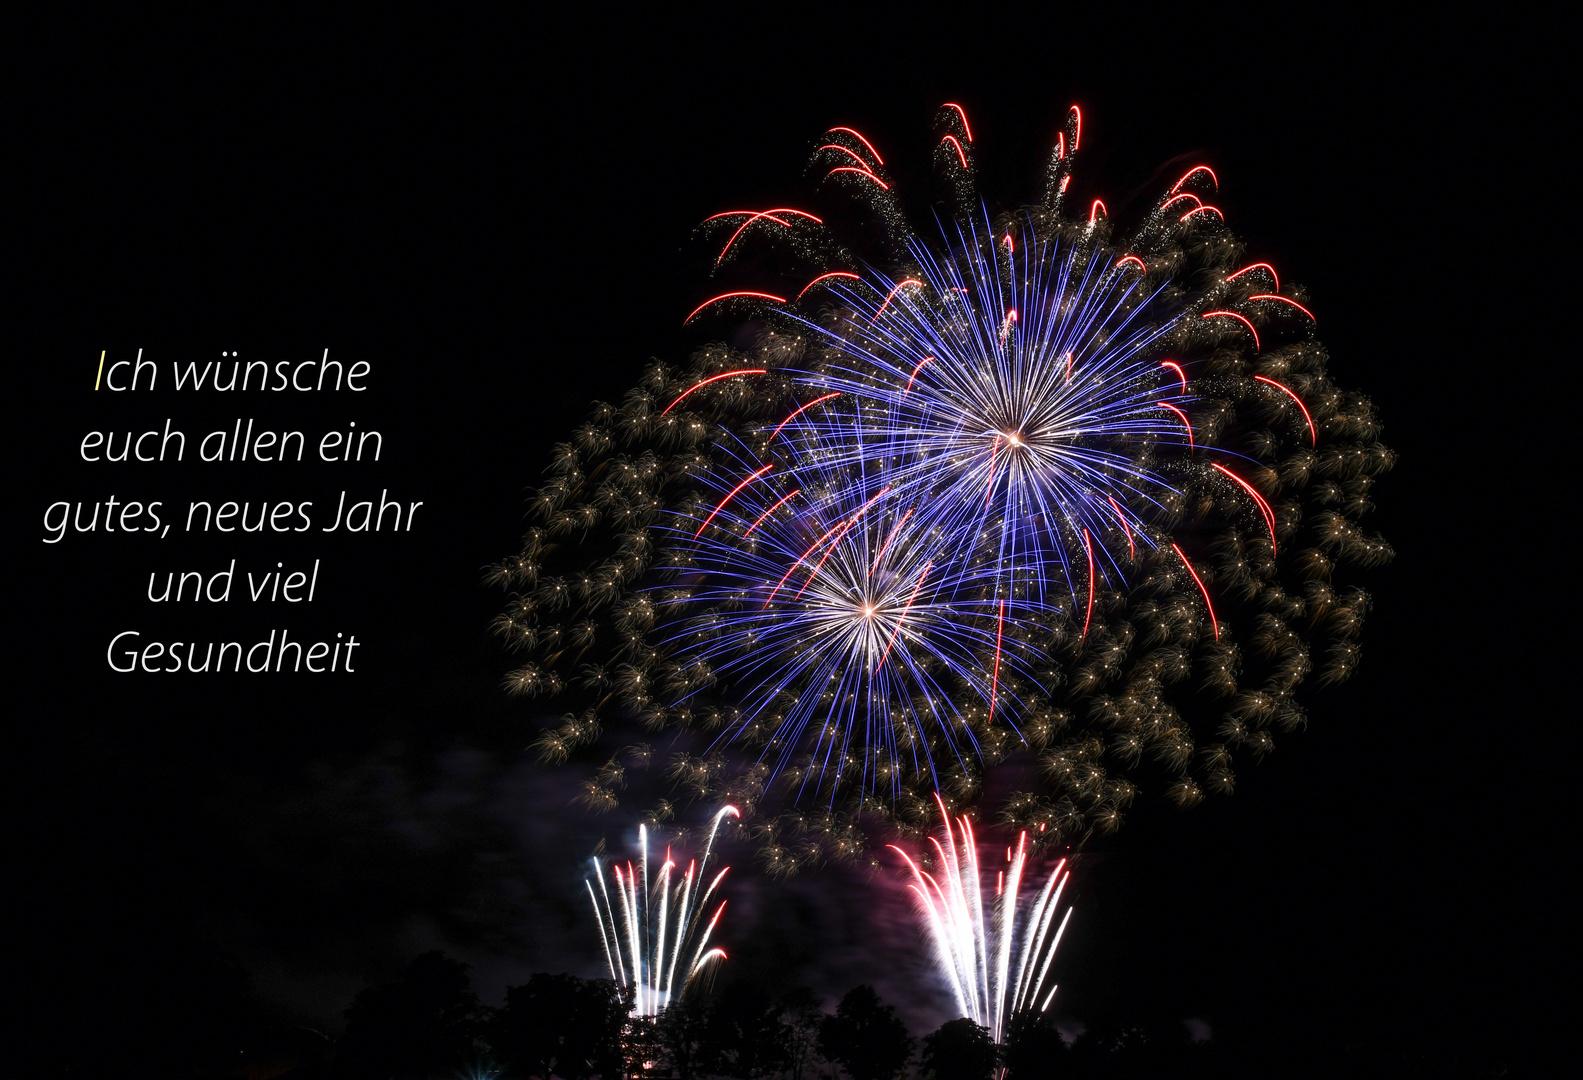 Jahreswechsel Foto & Bild | licht, jahreswechsel, neujahr Bilder auf ...